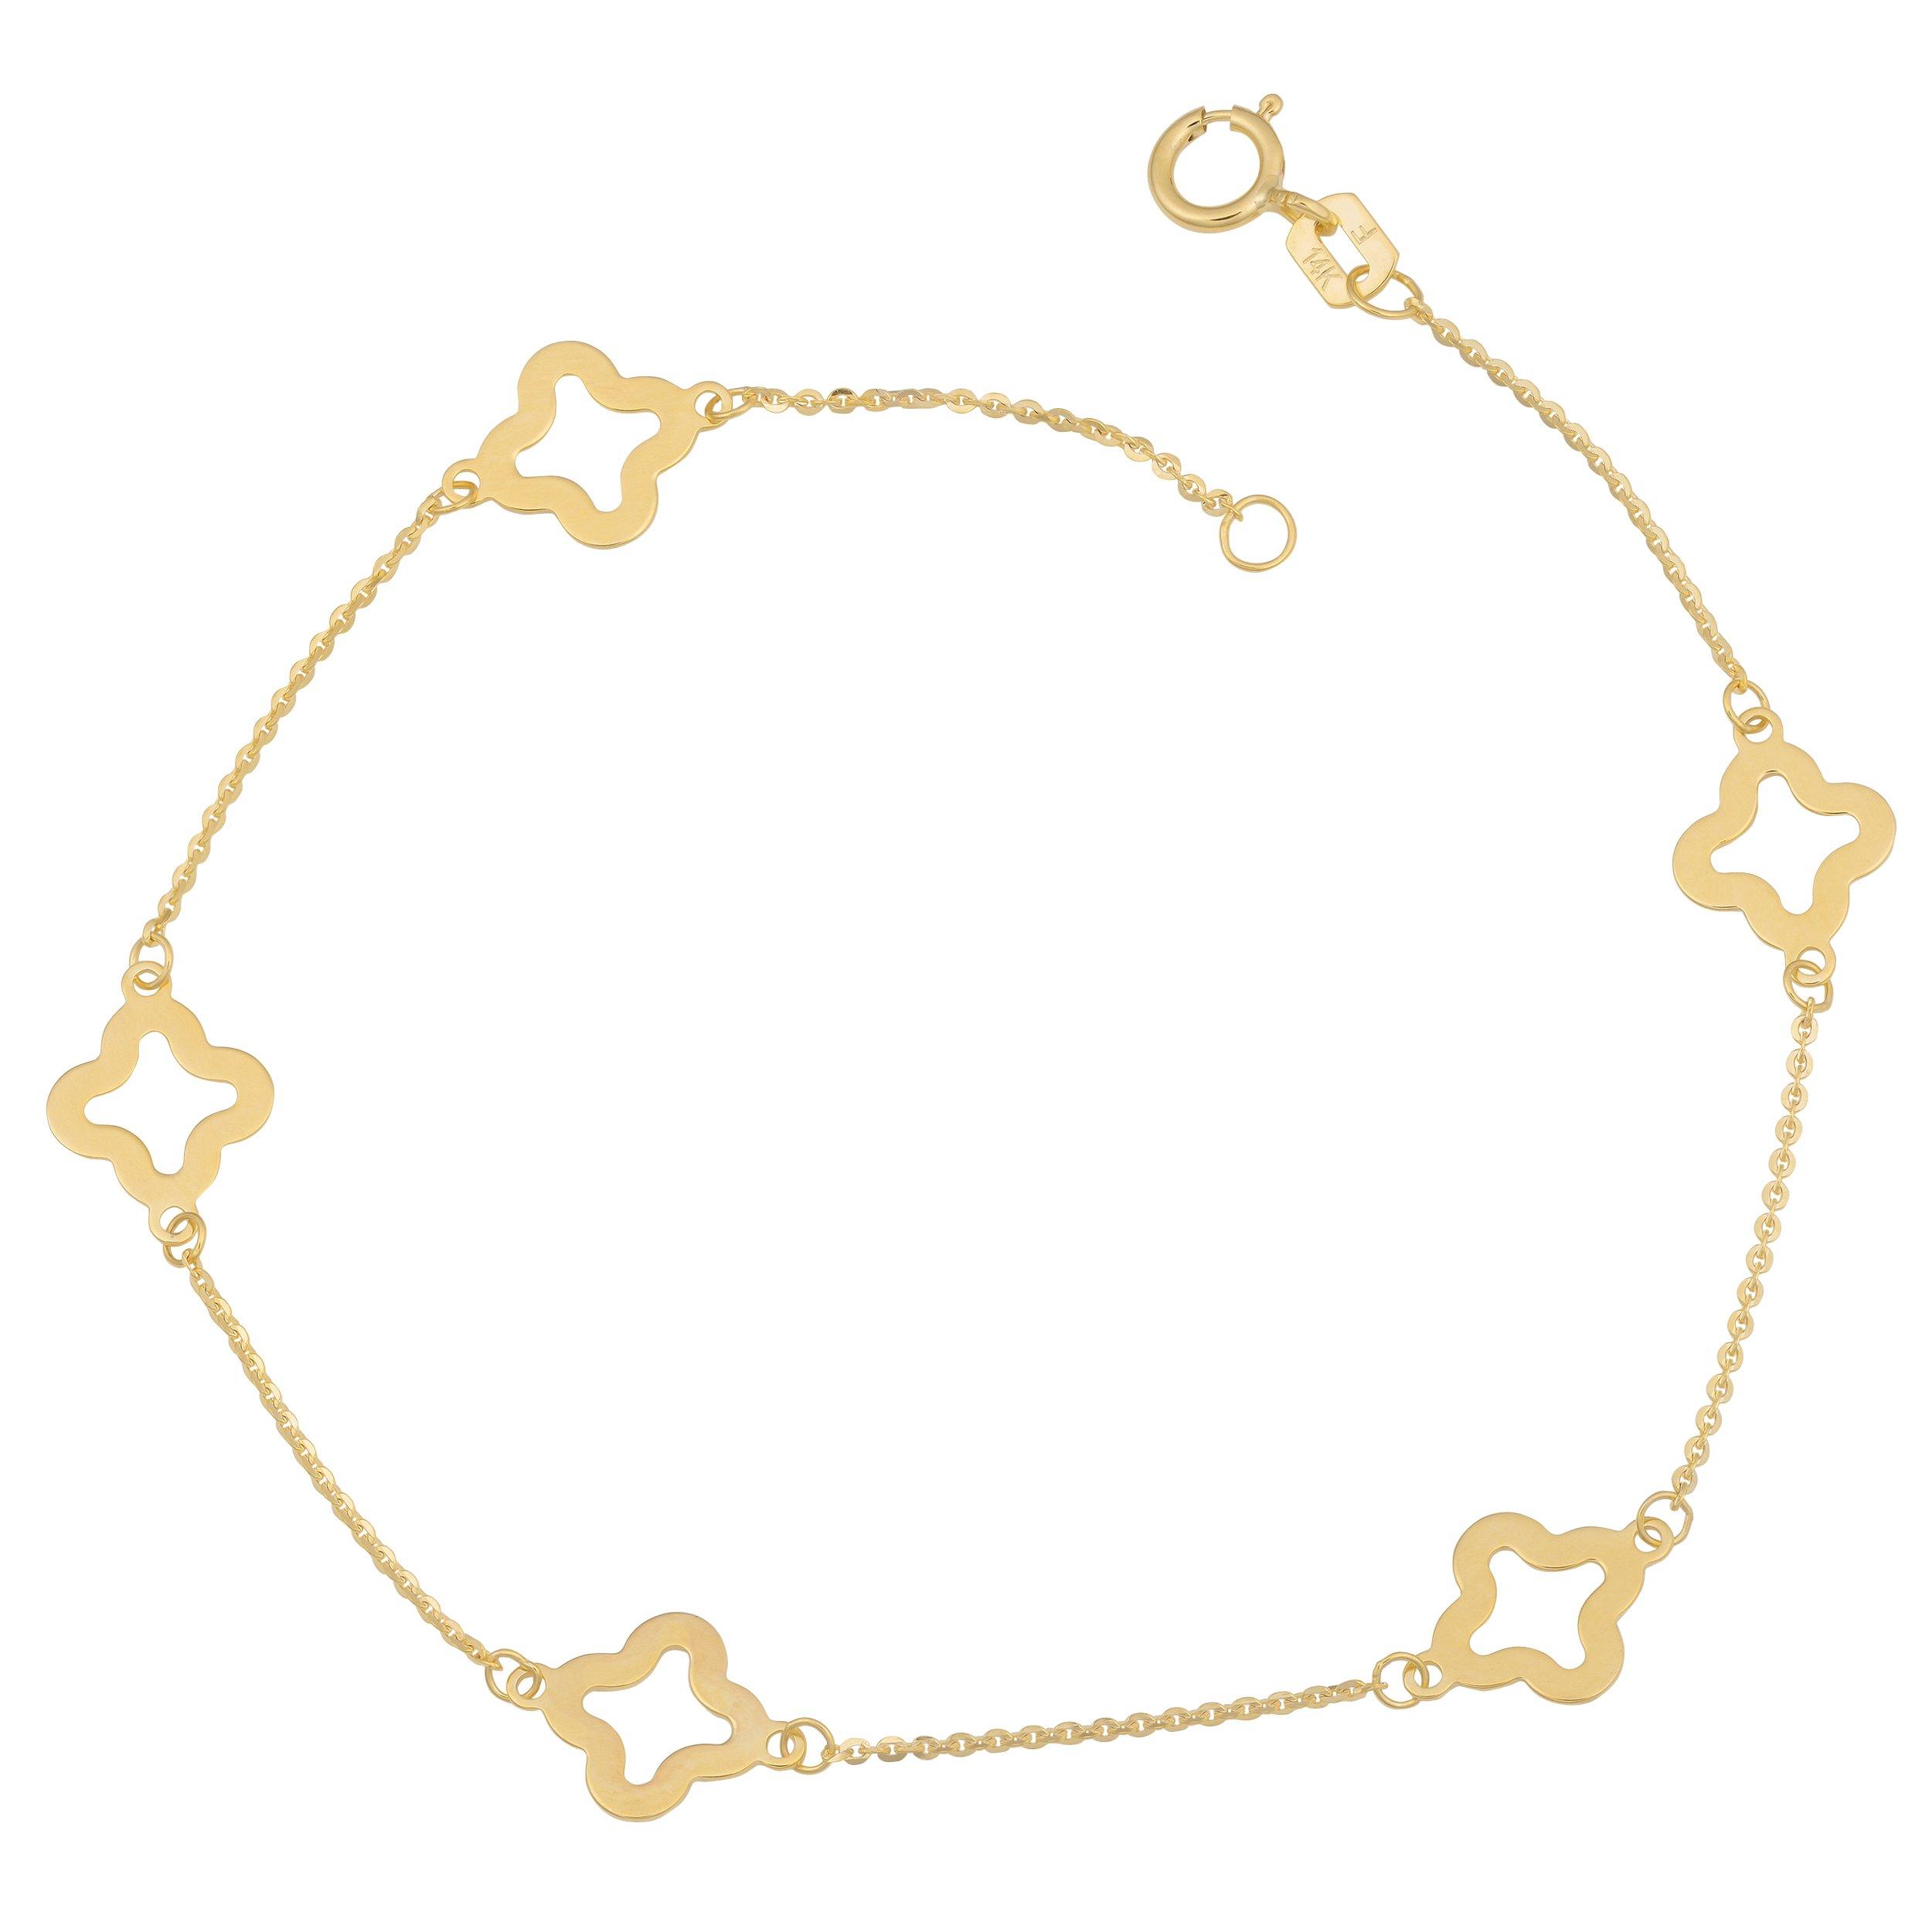 14k Yellow Gold 8mm Clover Flower Bracelet (7.5 inch)